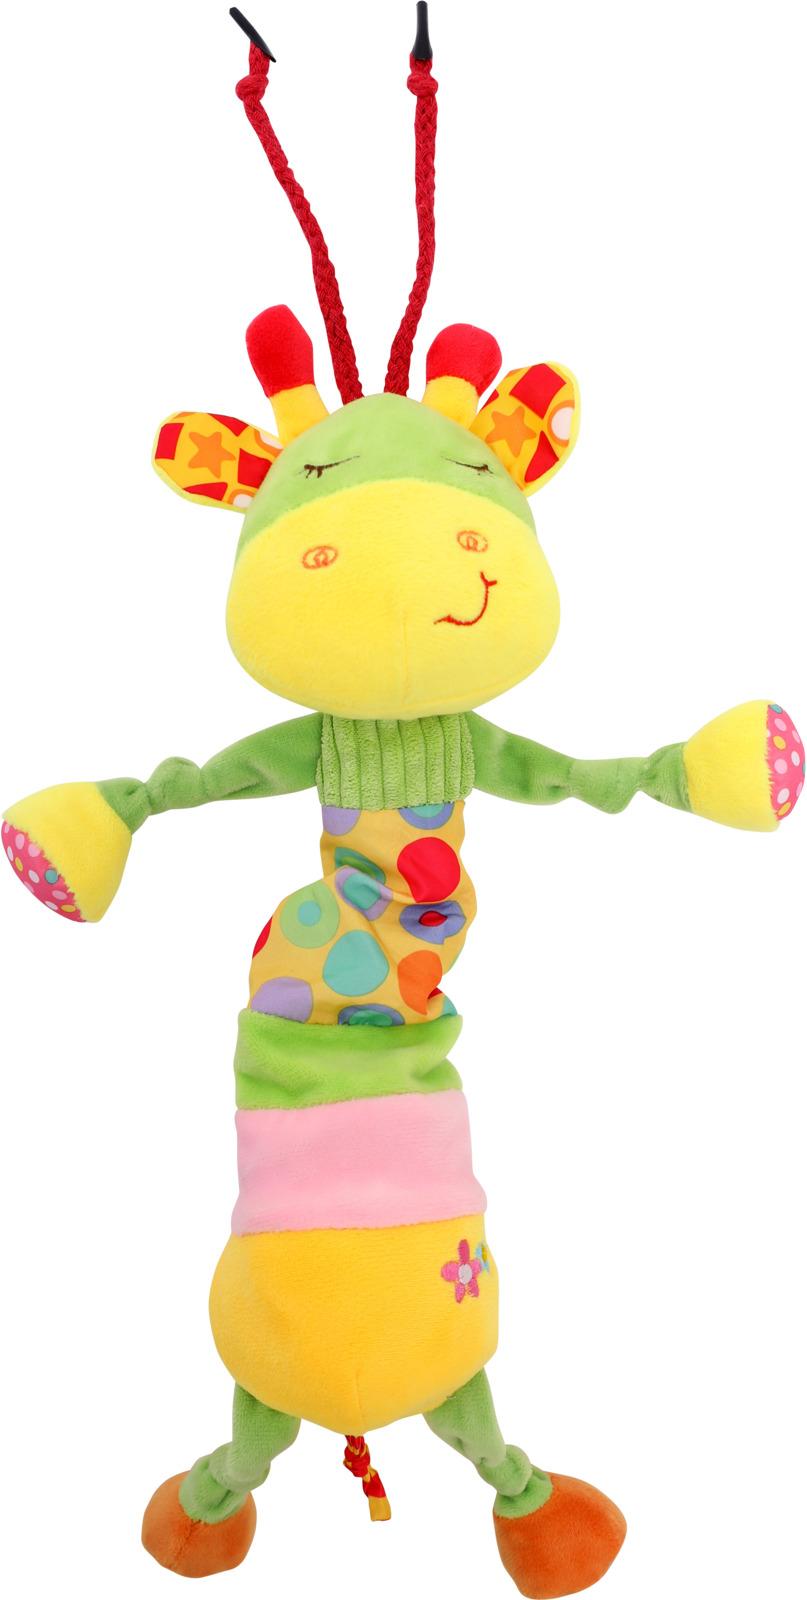 Развивающая музыкальная игрушка Lorelli Toys Жираф. 10191190002 музыкальная игрушка медвежонок августин